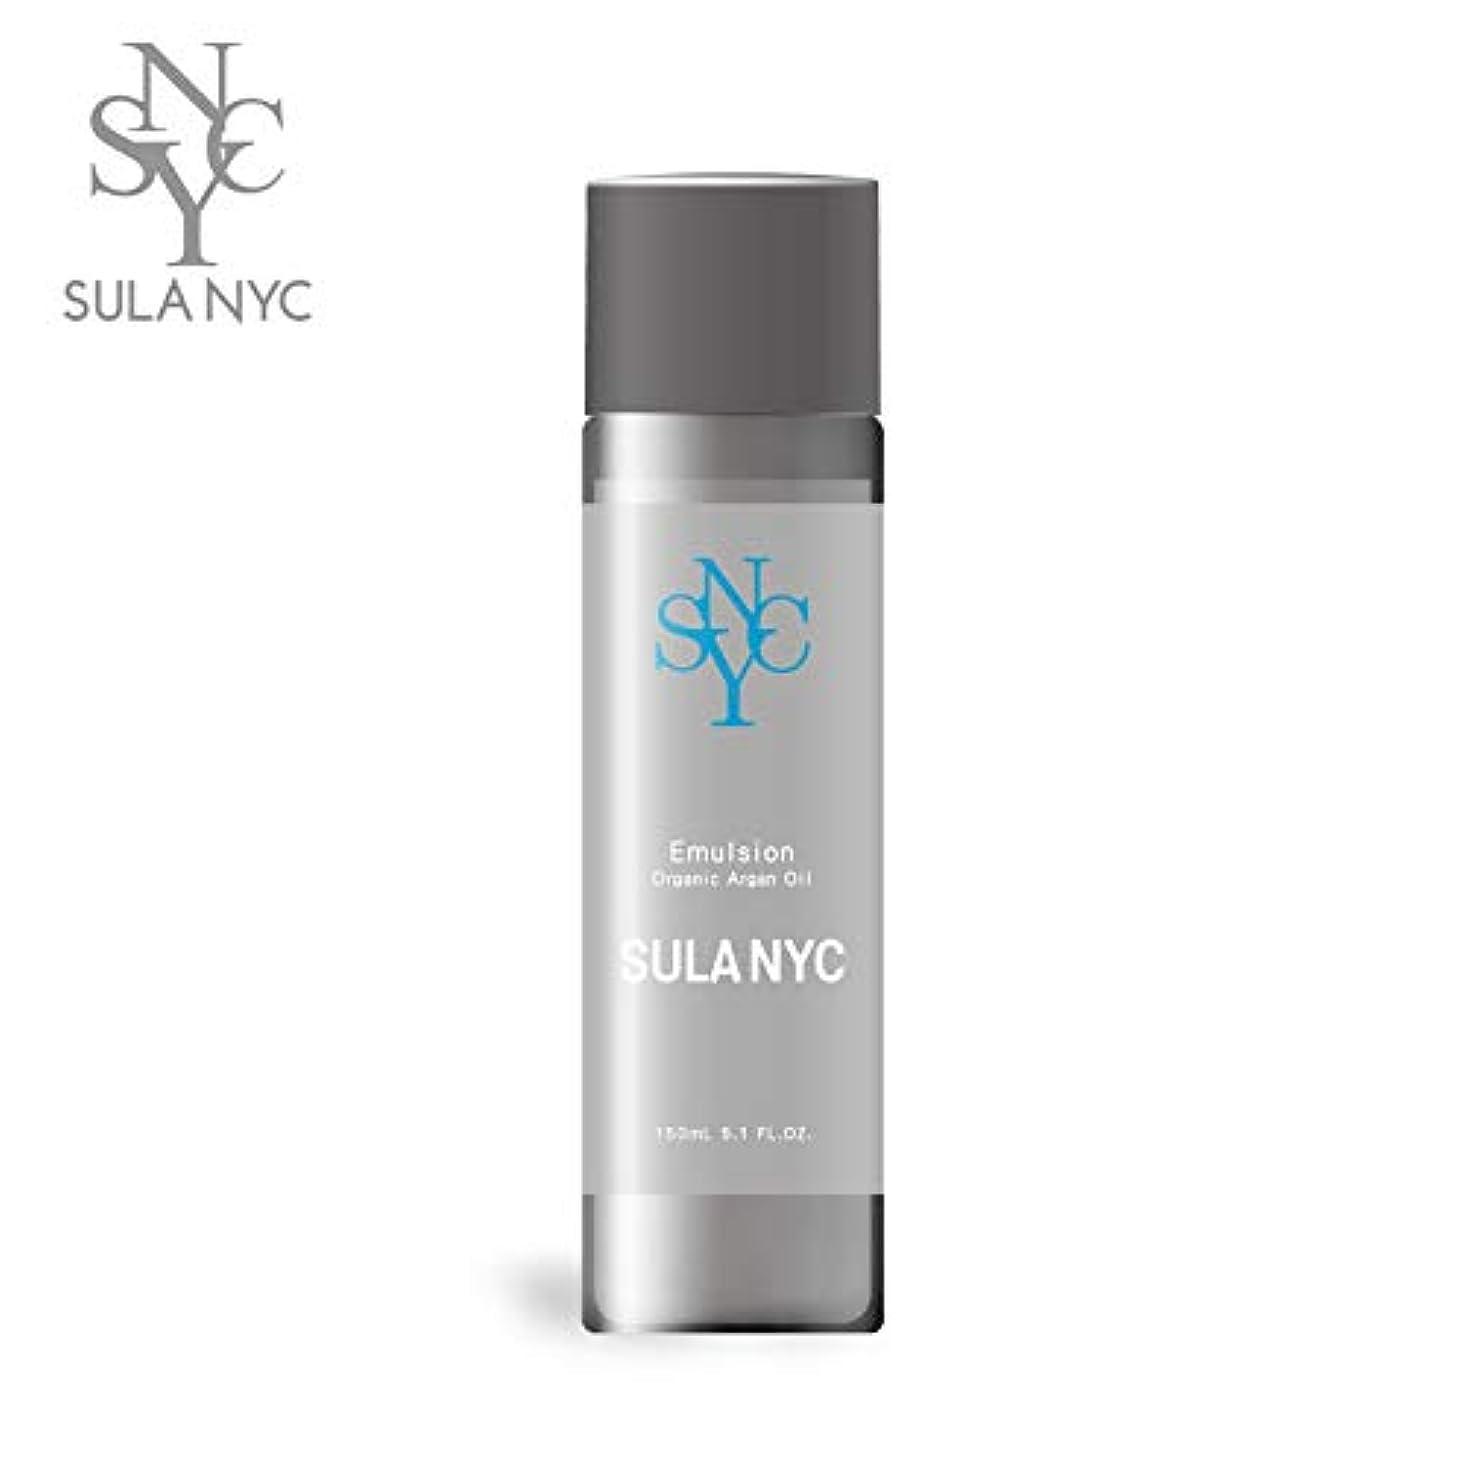 肥料タービン種SULA NYC スーラ エヌワイシー エマルジョン 乳液 150ml アルガンオイル